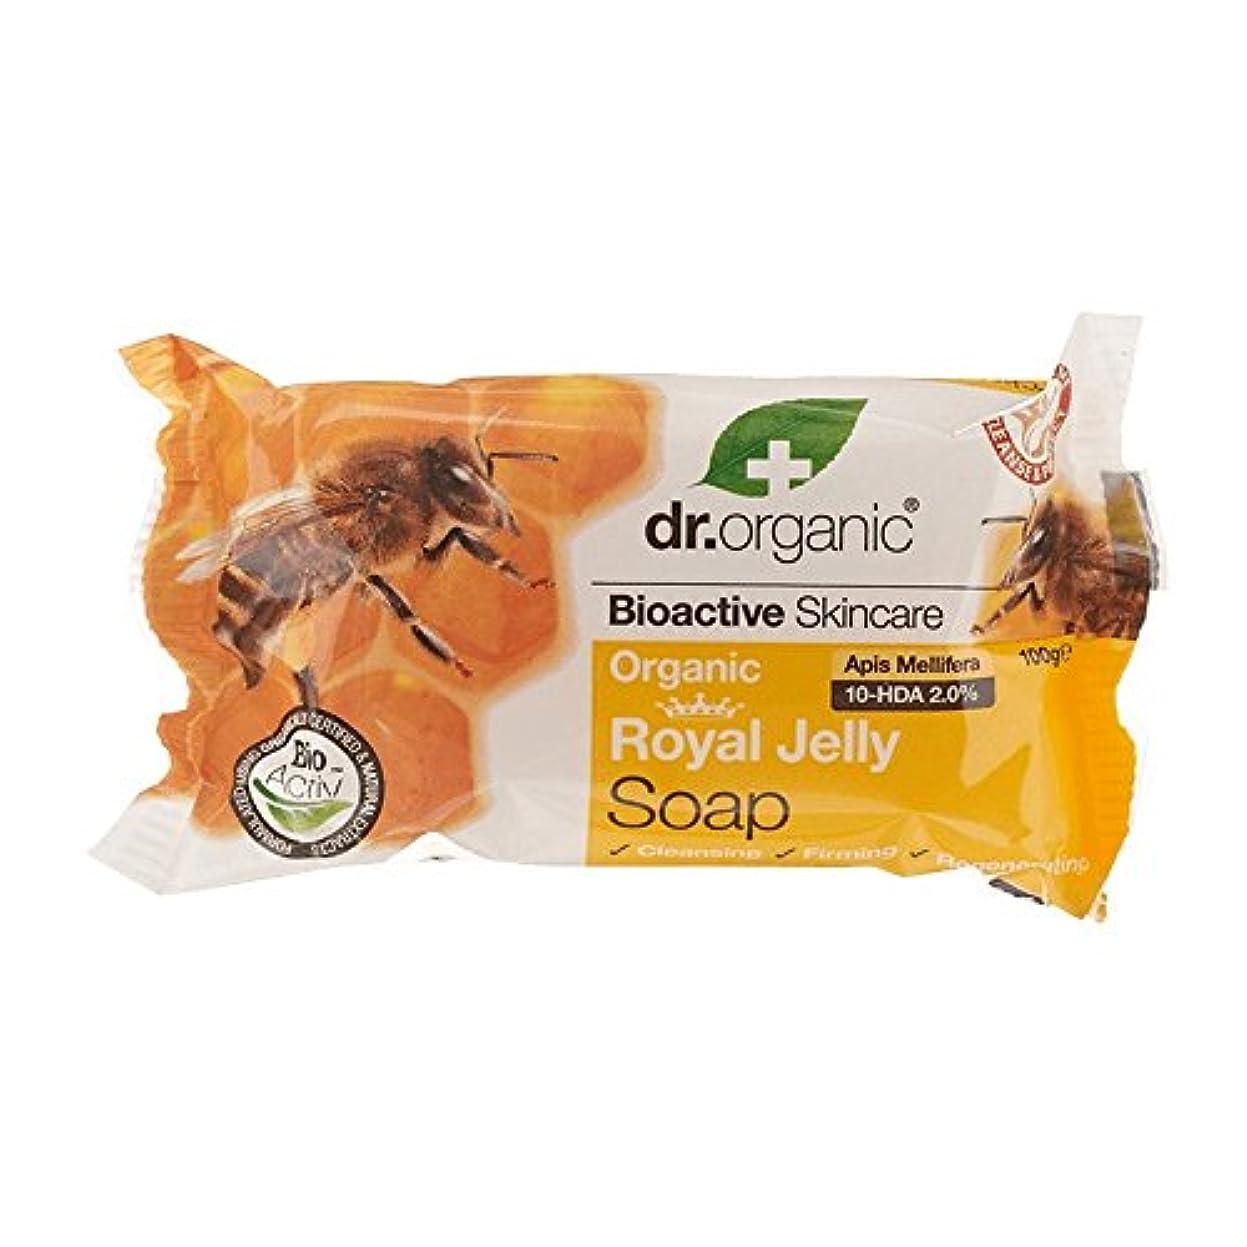 非常に怒っています眠る役員Dr Organic Royal Jelly Soap (Pack of 2) - Dr有機ローヤルゼリーソープ (x2) [並行輸入品]